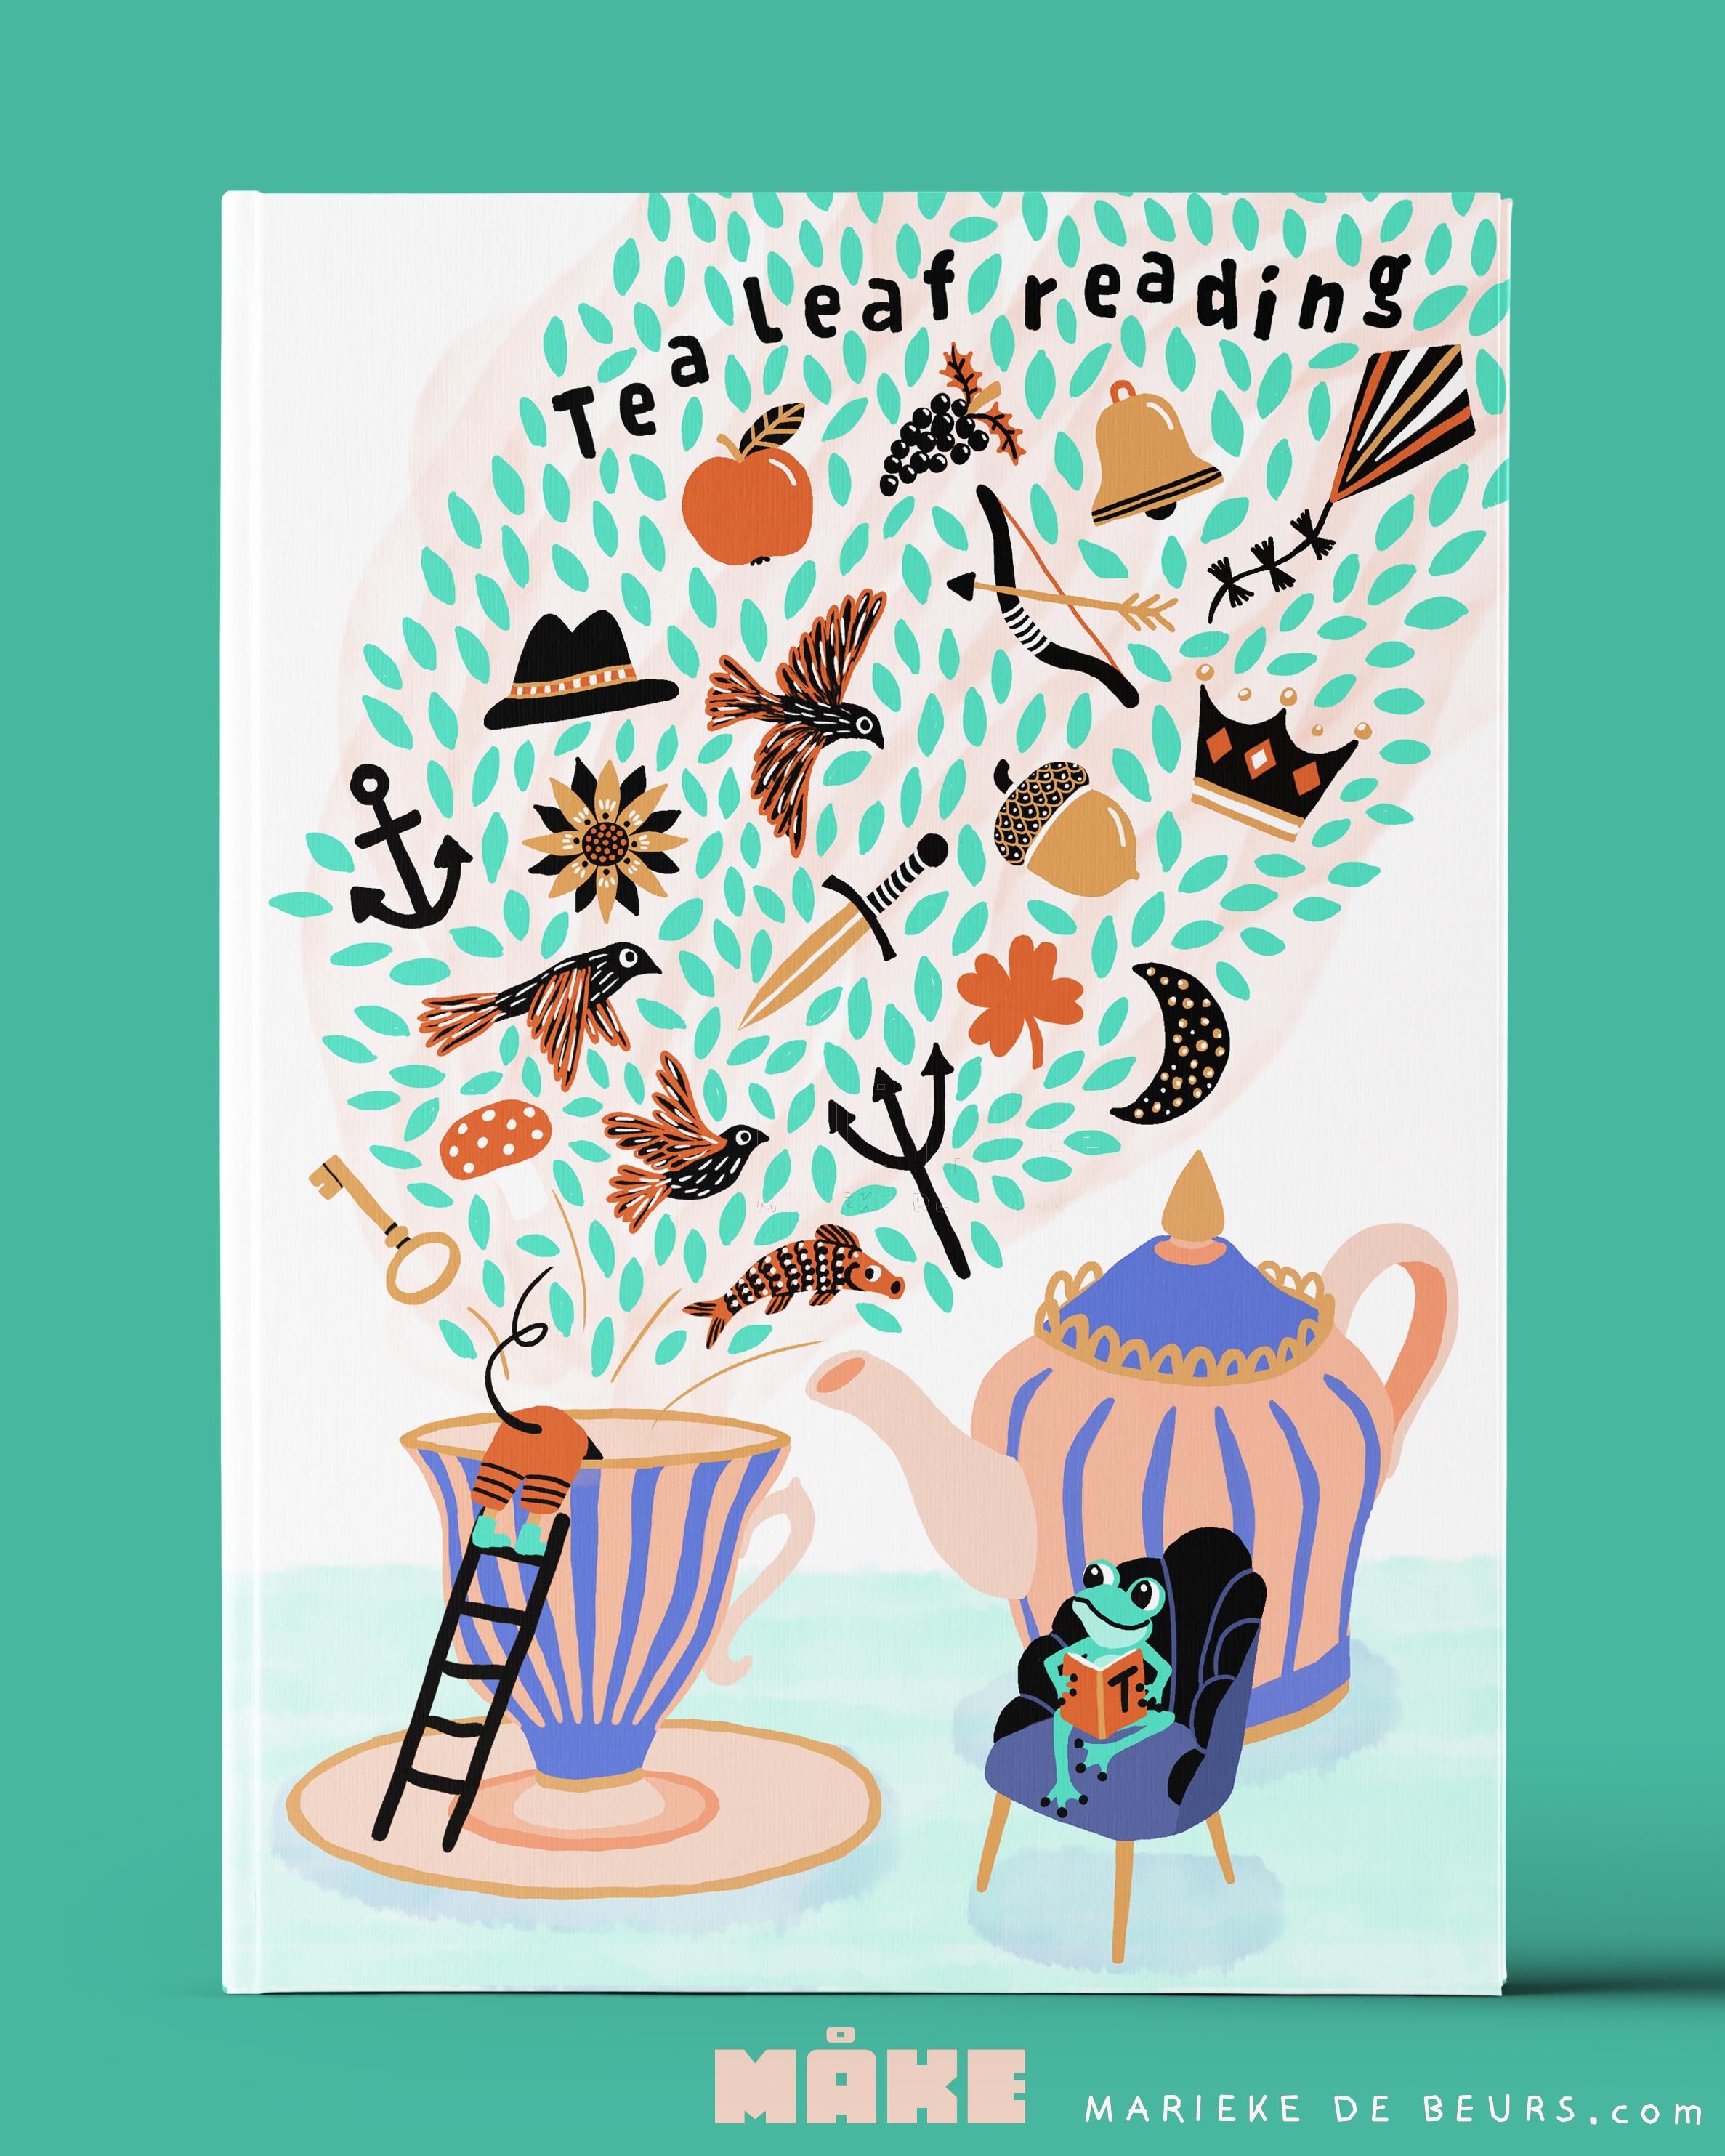 Tea_leaf_reading_mockup.jpg